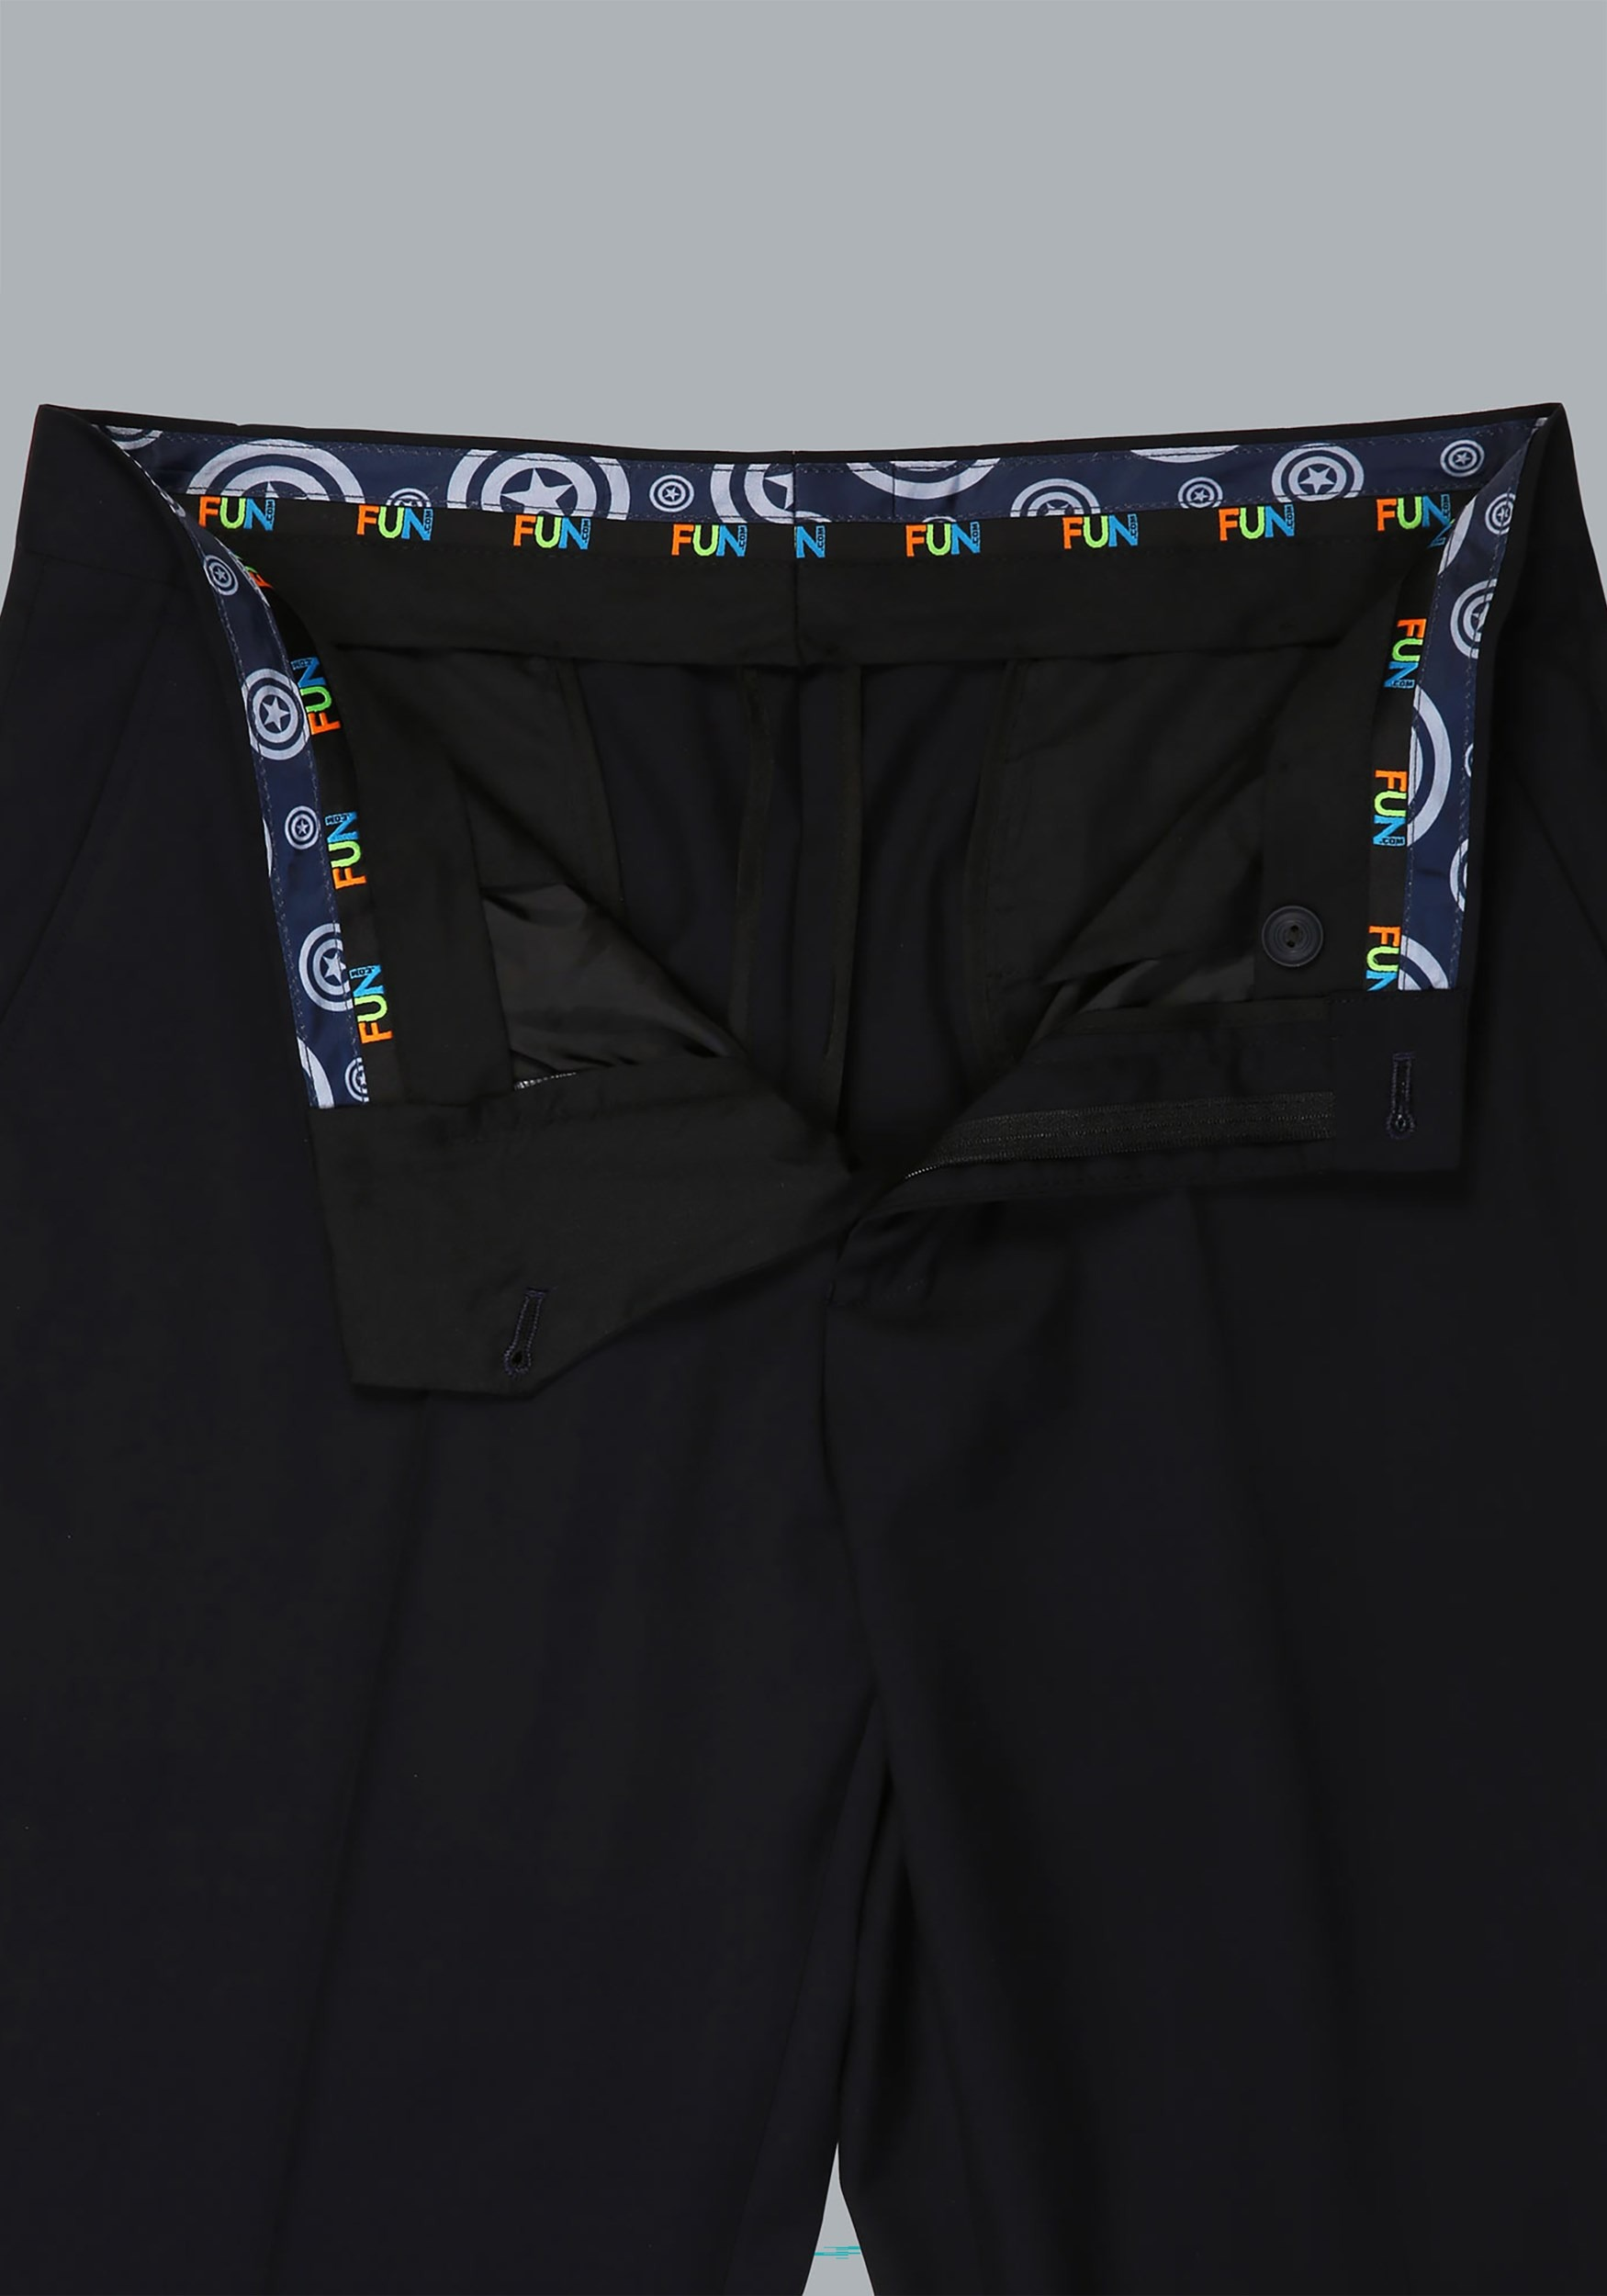 Captain America Slim Fit Suit Pants (Secret Identity)2